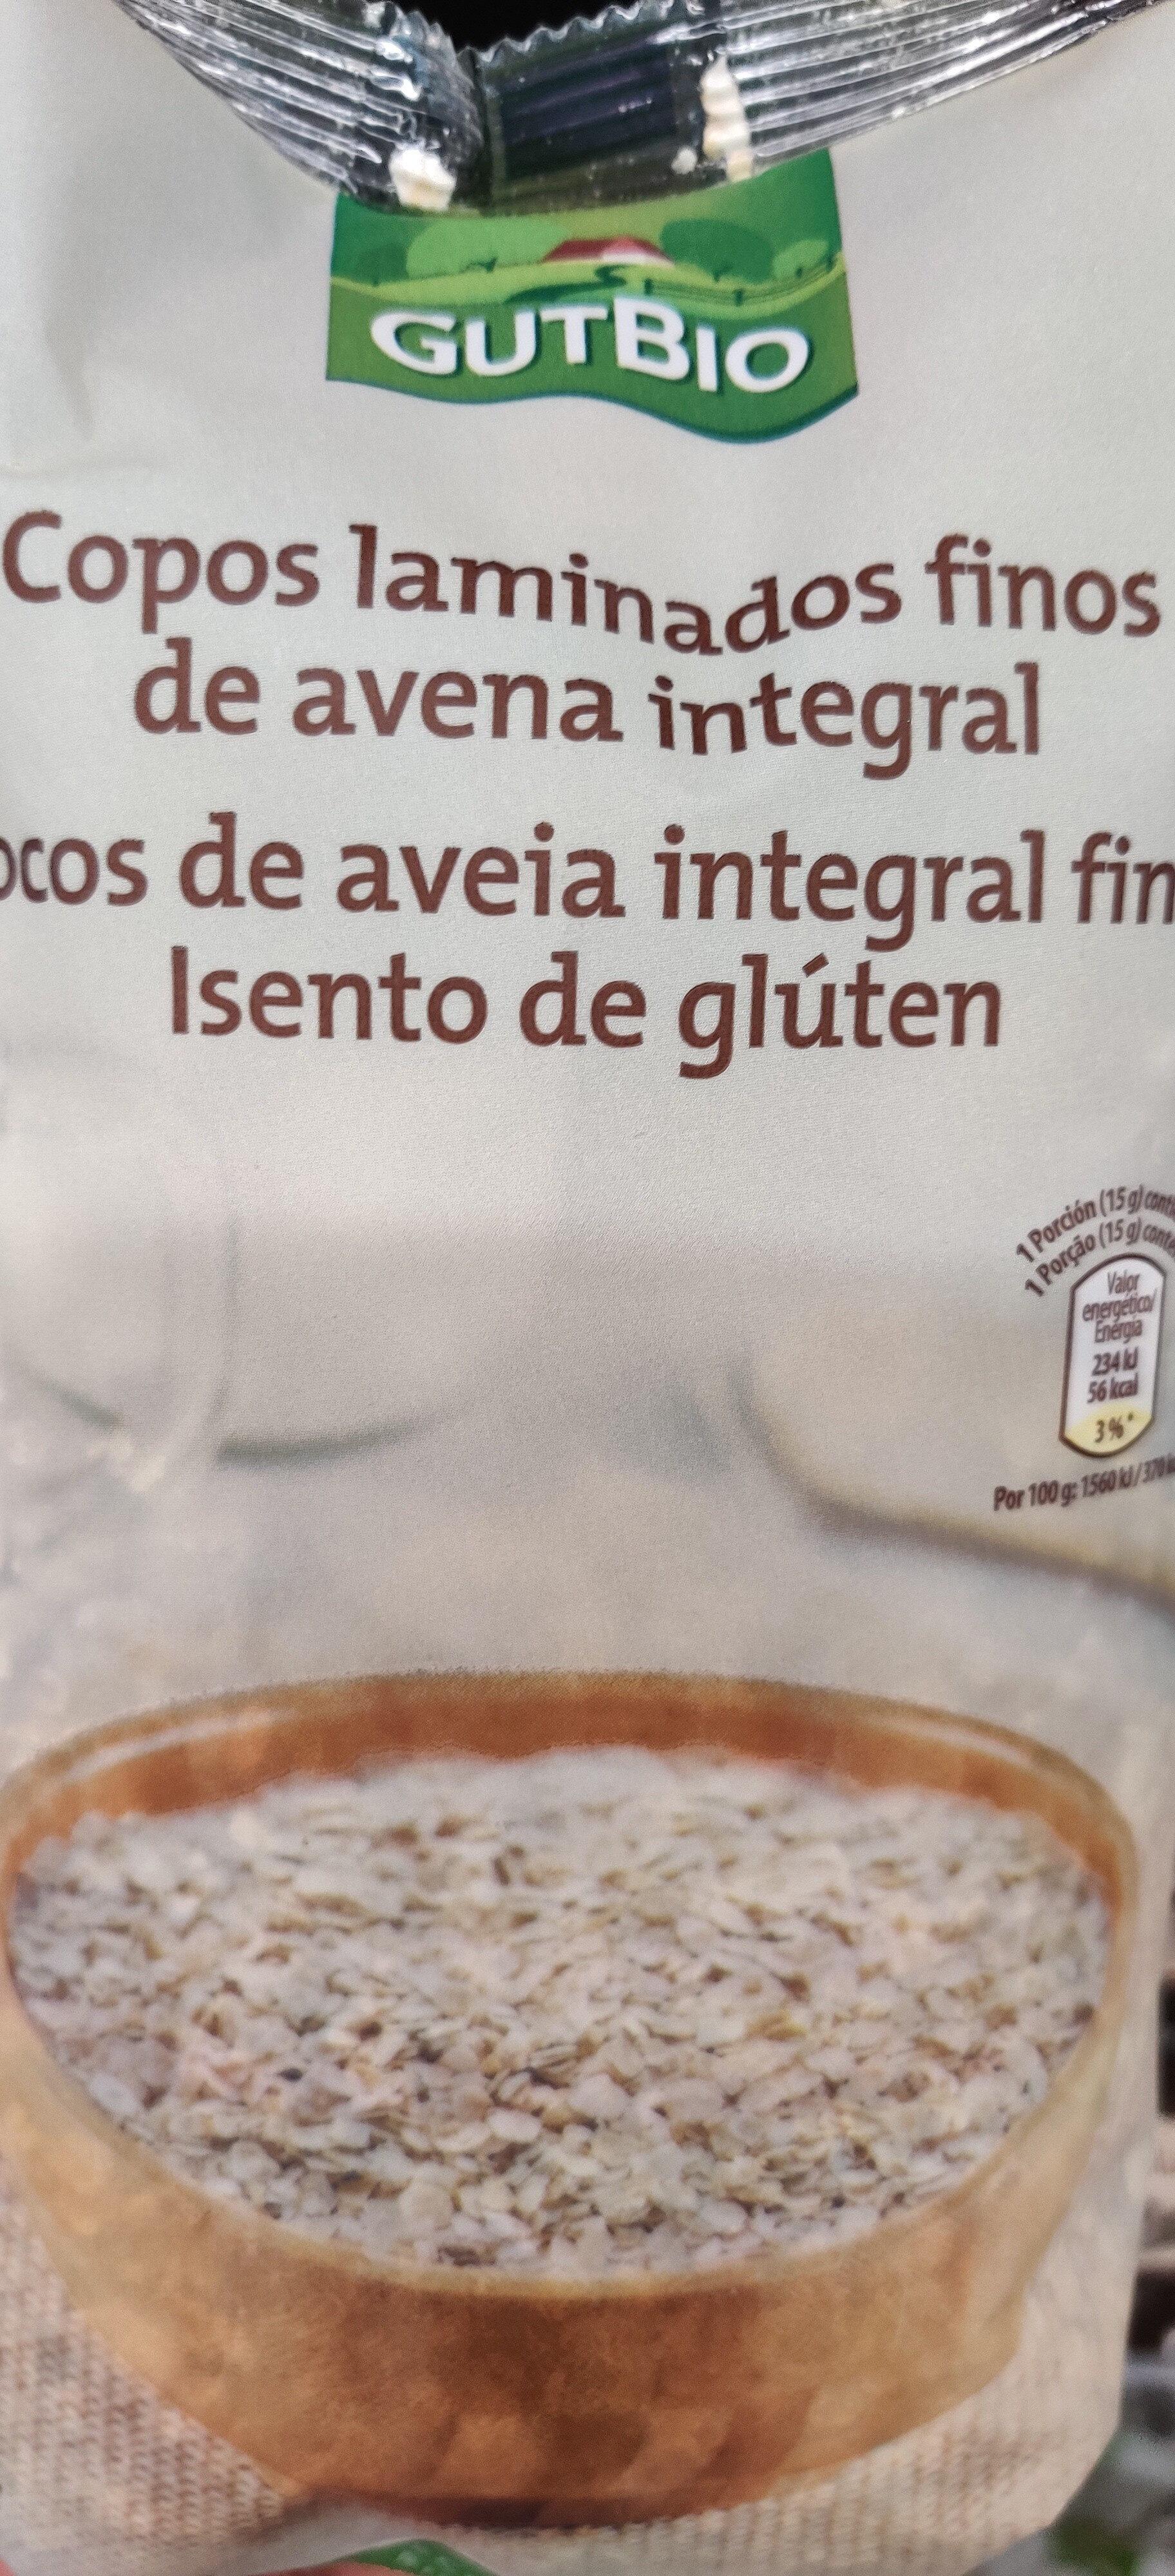 copos laminados gruesos de avena integral sin gluten - Product - en